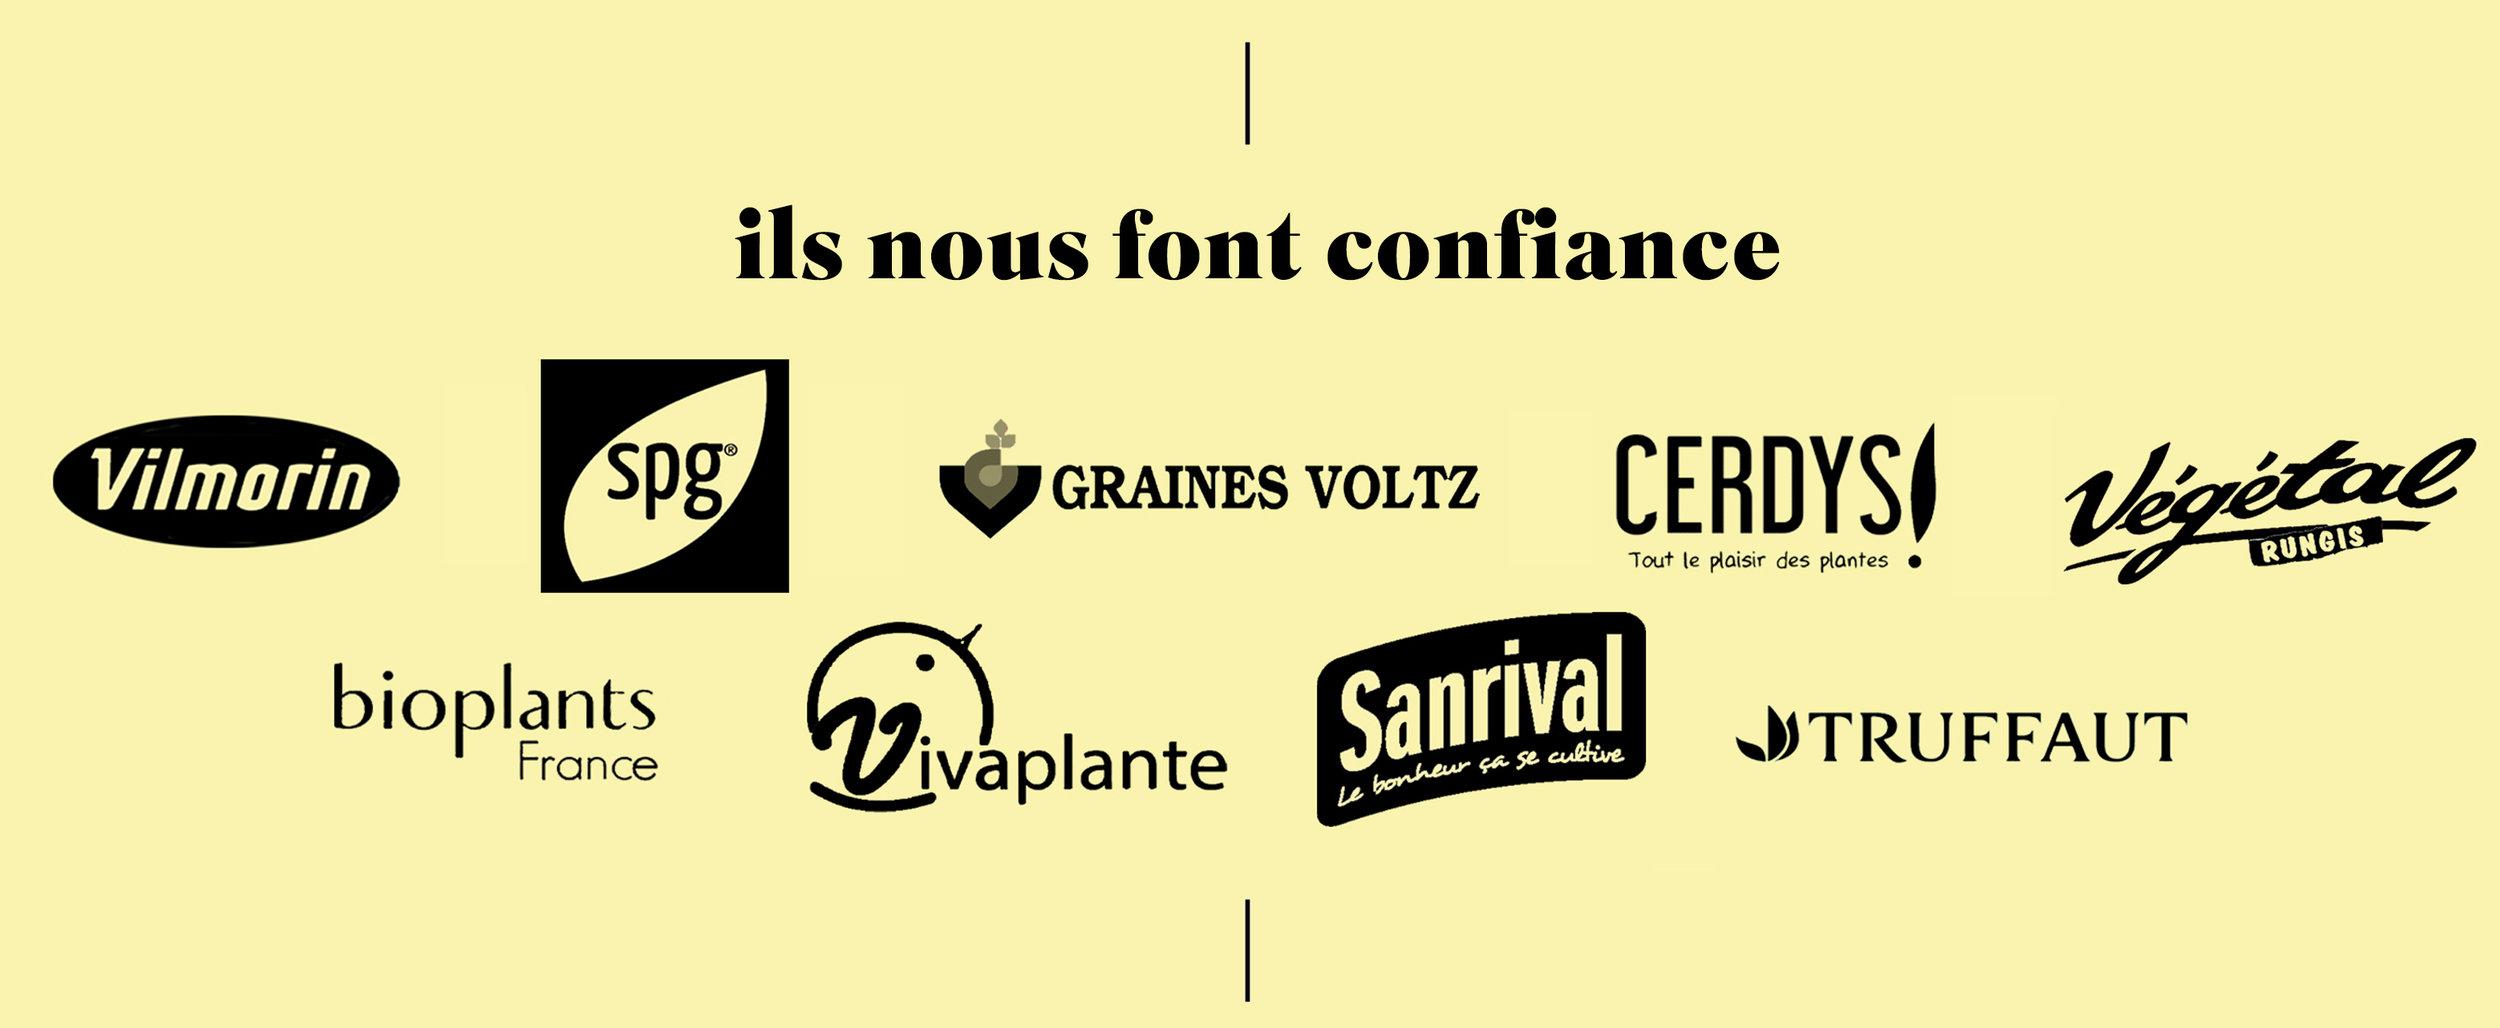 logos_partenaires copie.jpg